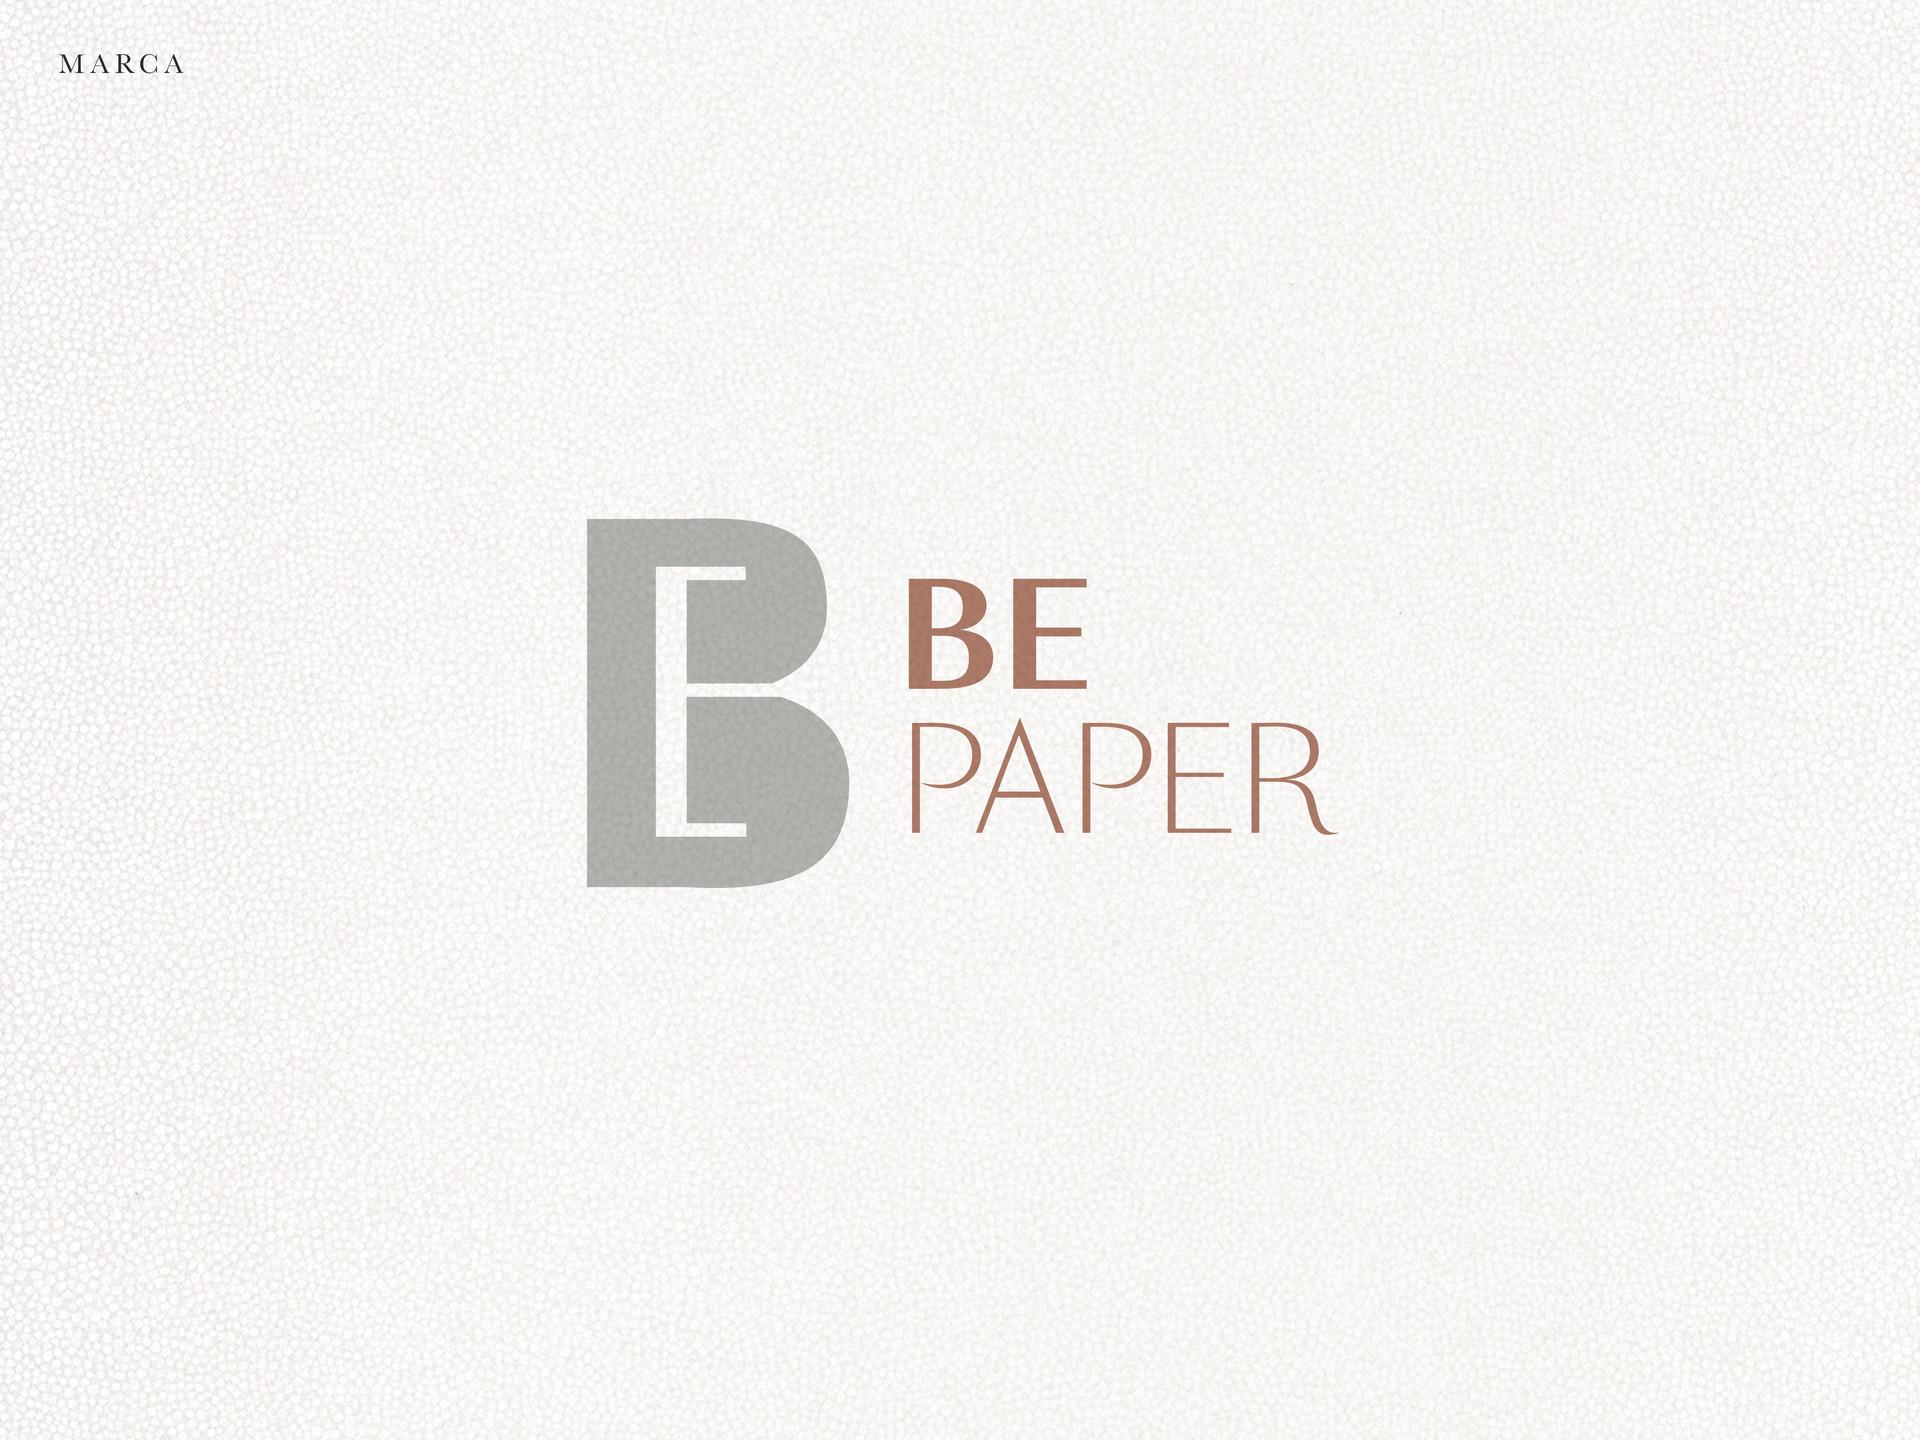 Marca_Bepaper.jpg